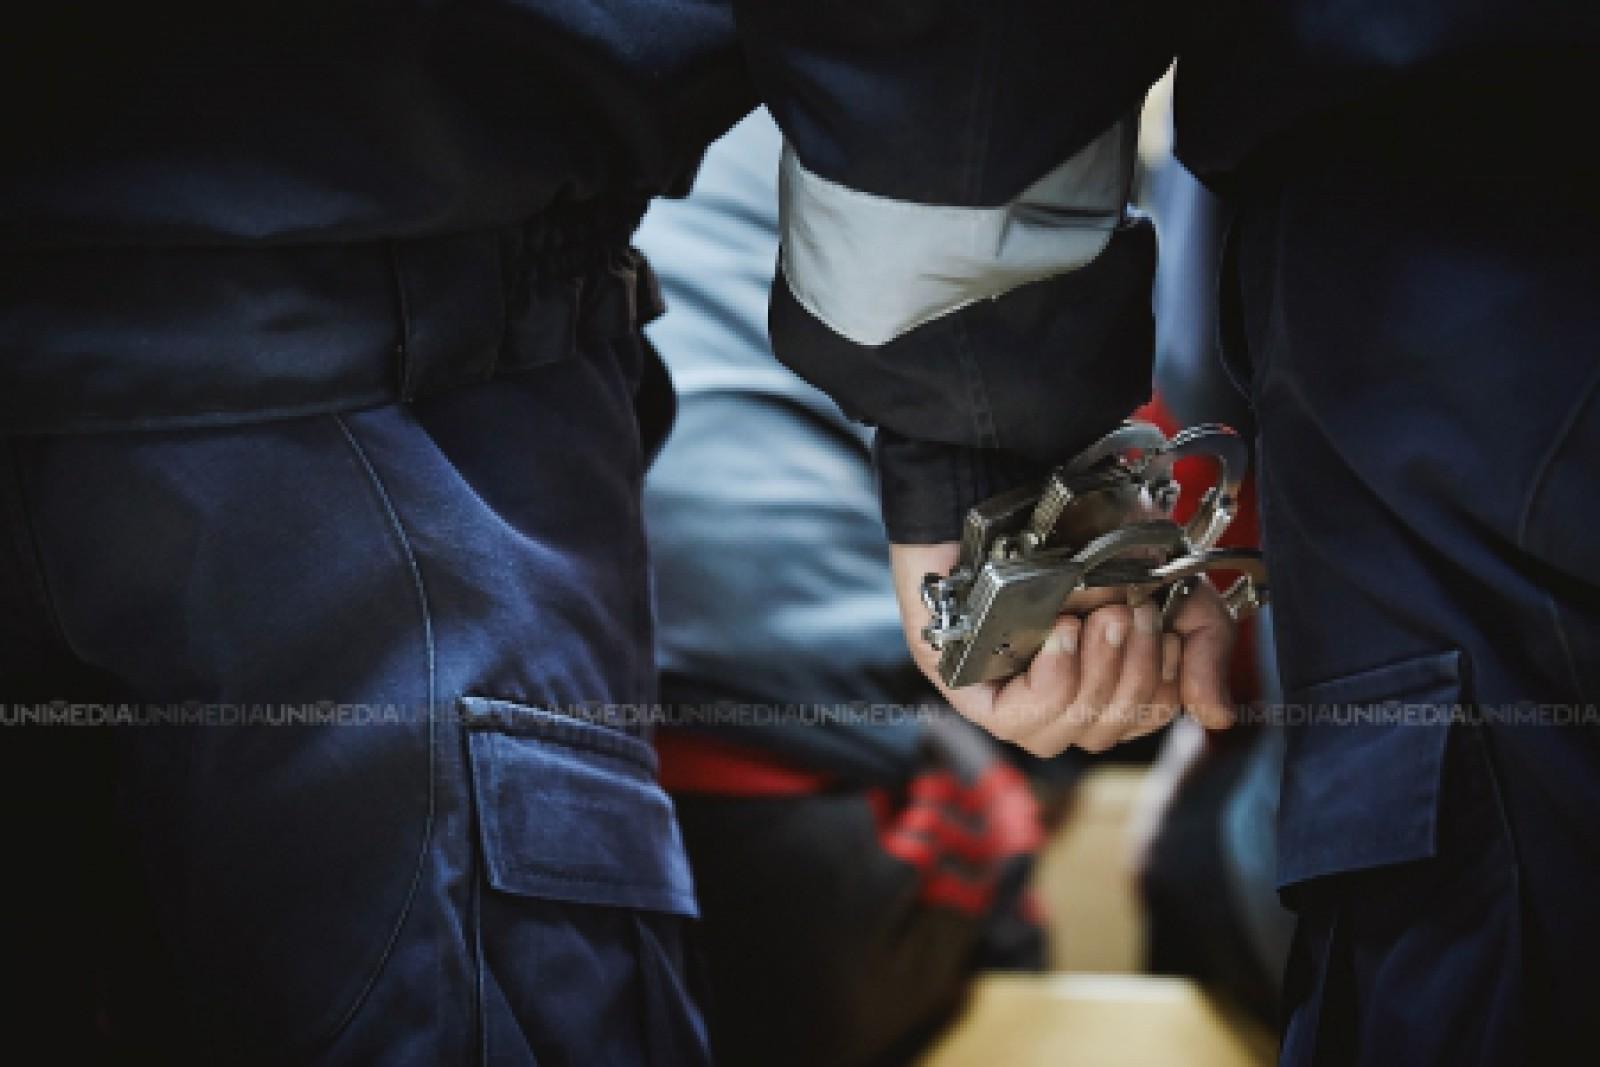 Un bărbat din Anenii Noi își va petrece următorii 15 ani după gratii: Și-a înjunghiat soția